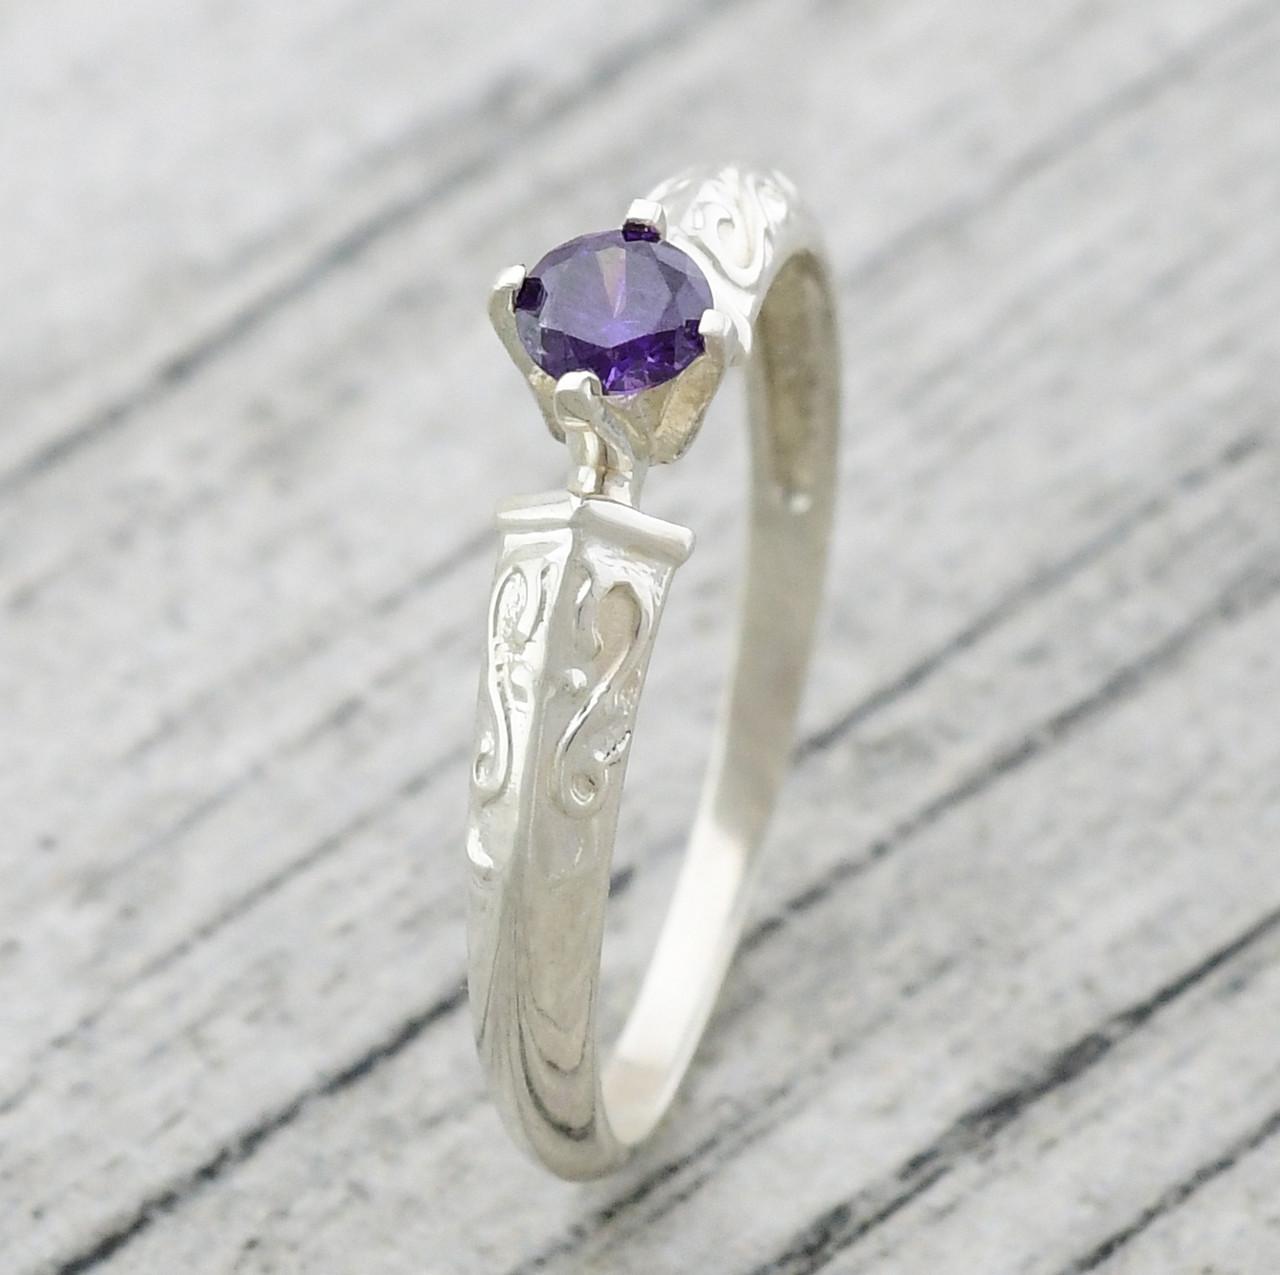 """Серебряное кольцо """"Алмаз"""", вставка фиолетовый фианит, вес 1.6 г, размер 18"""